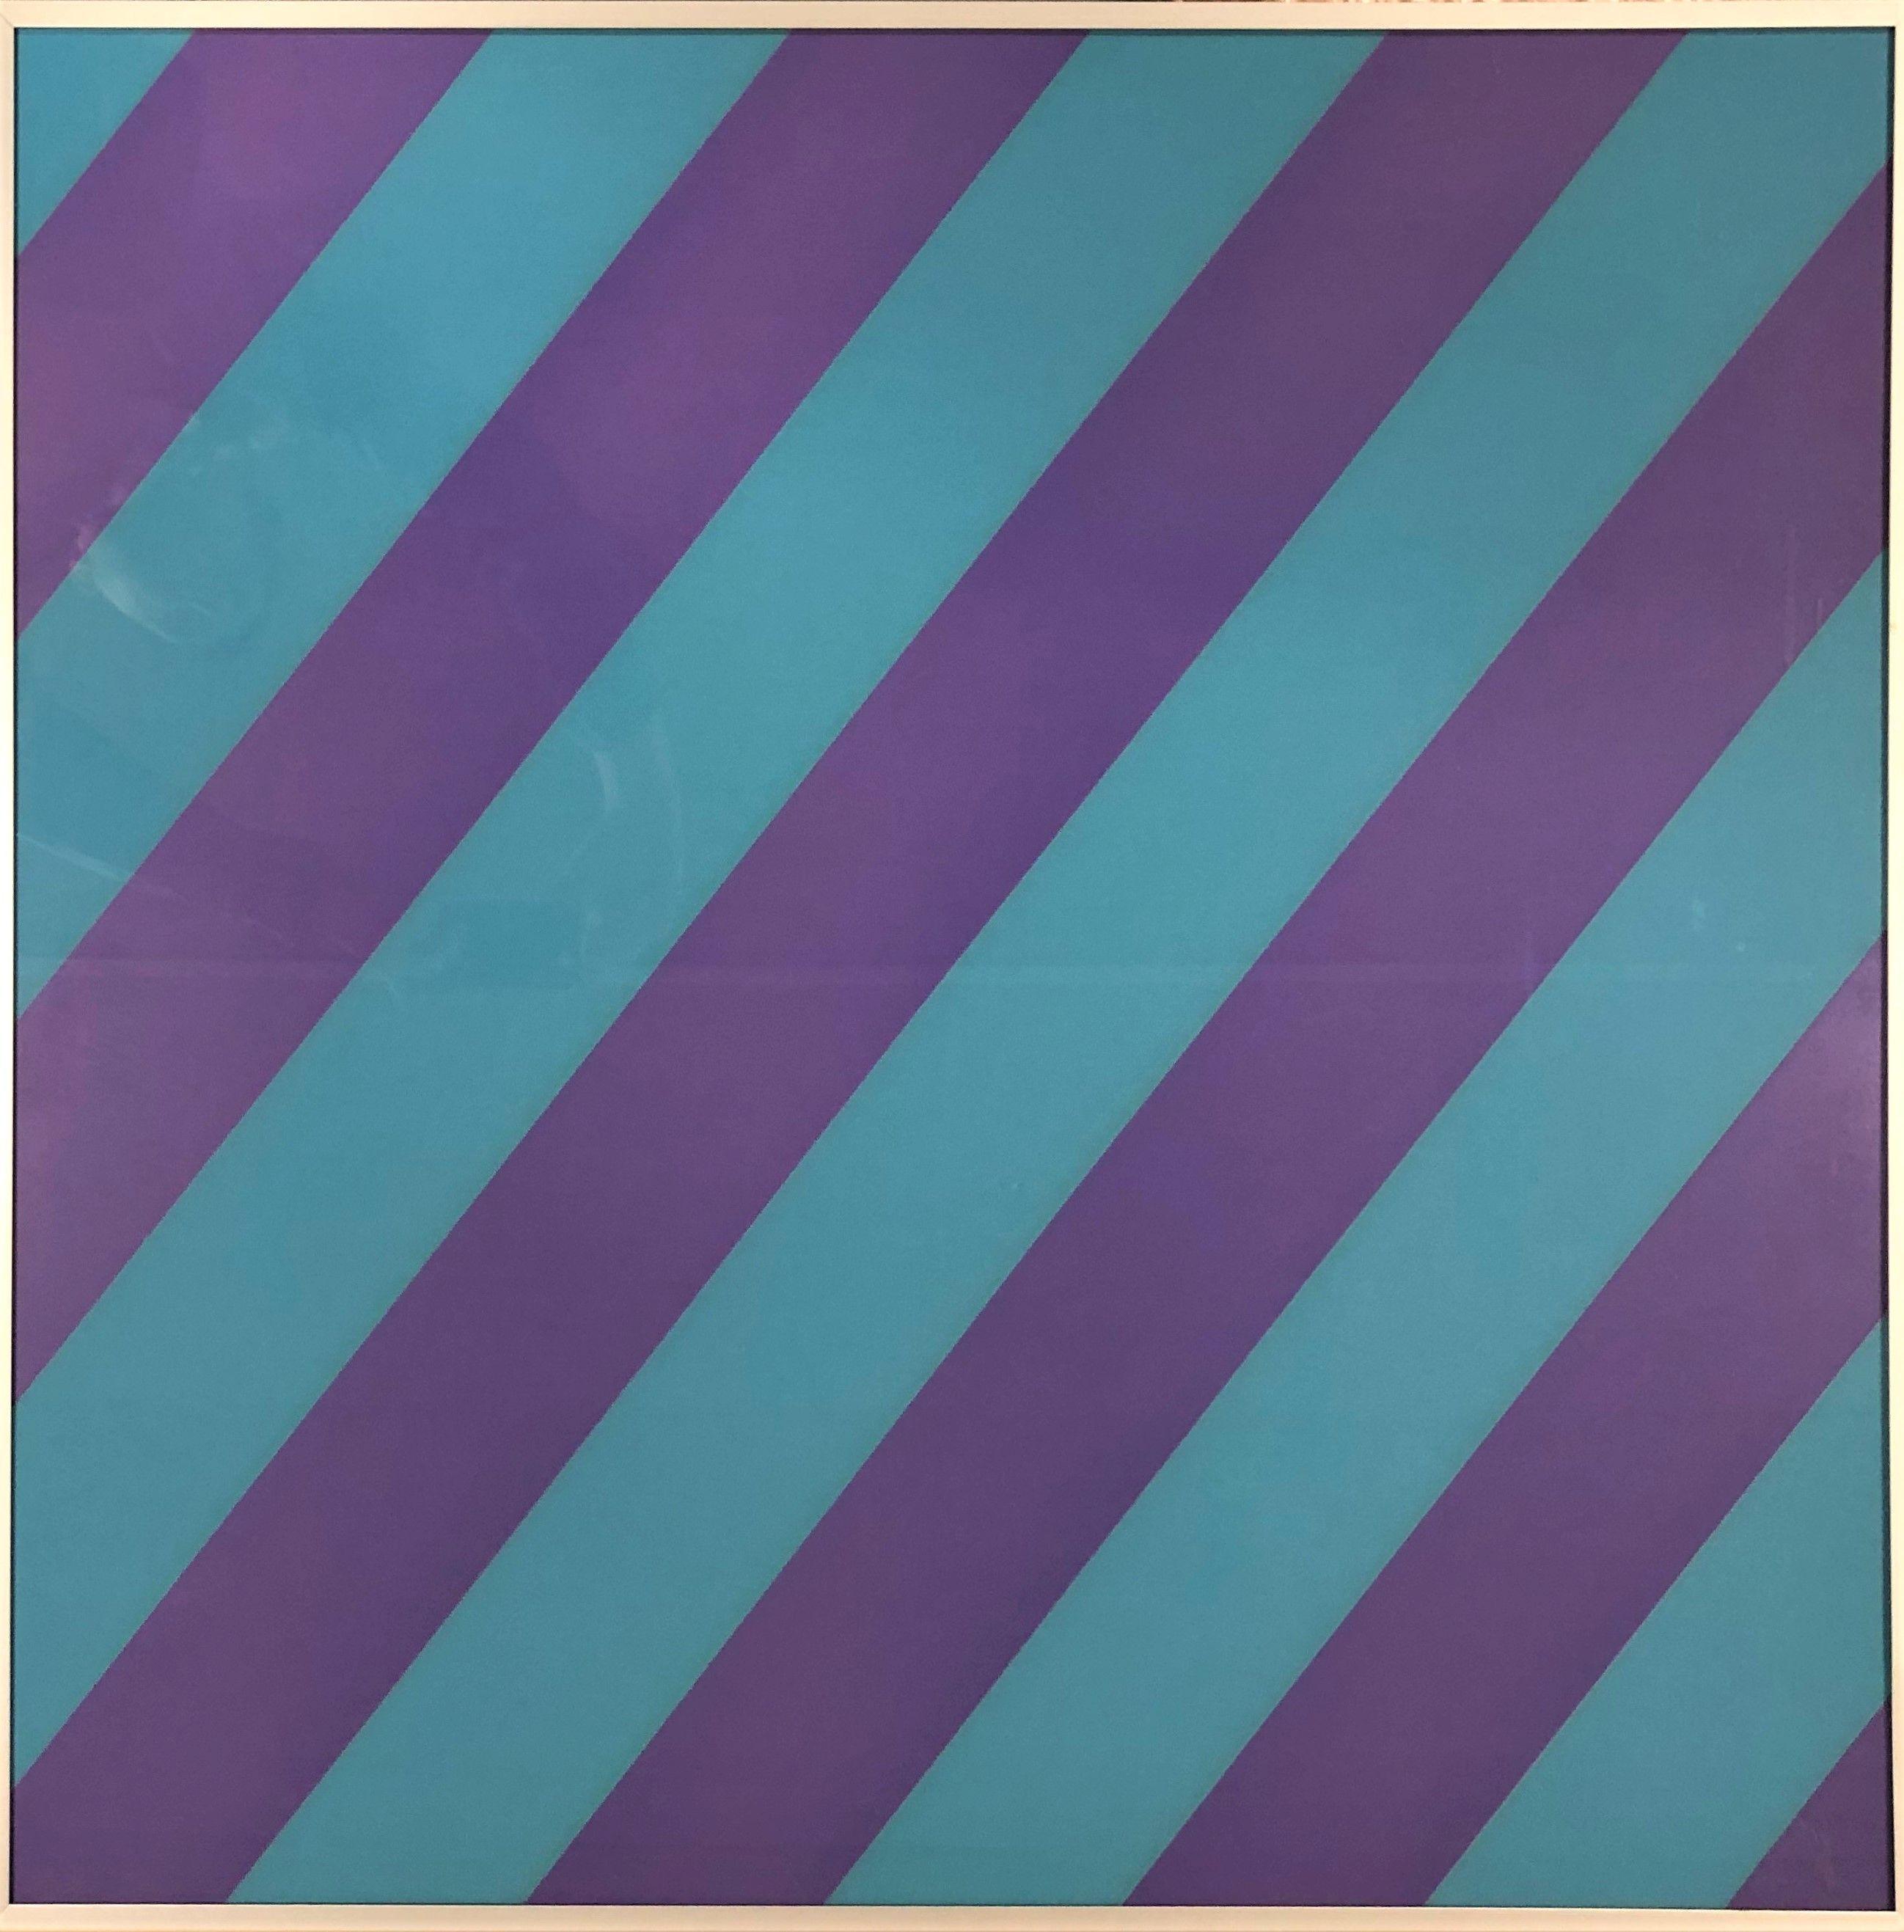 Olivier Mosset - Composition Violet / Blue, 2003